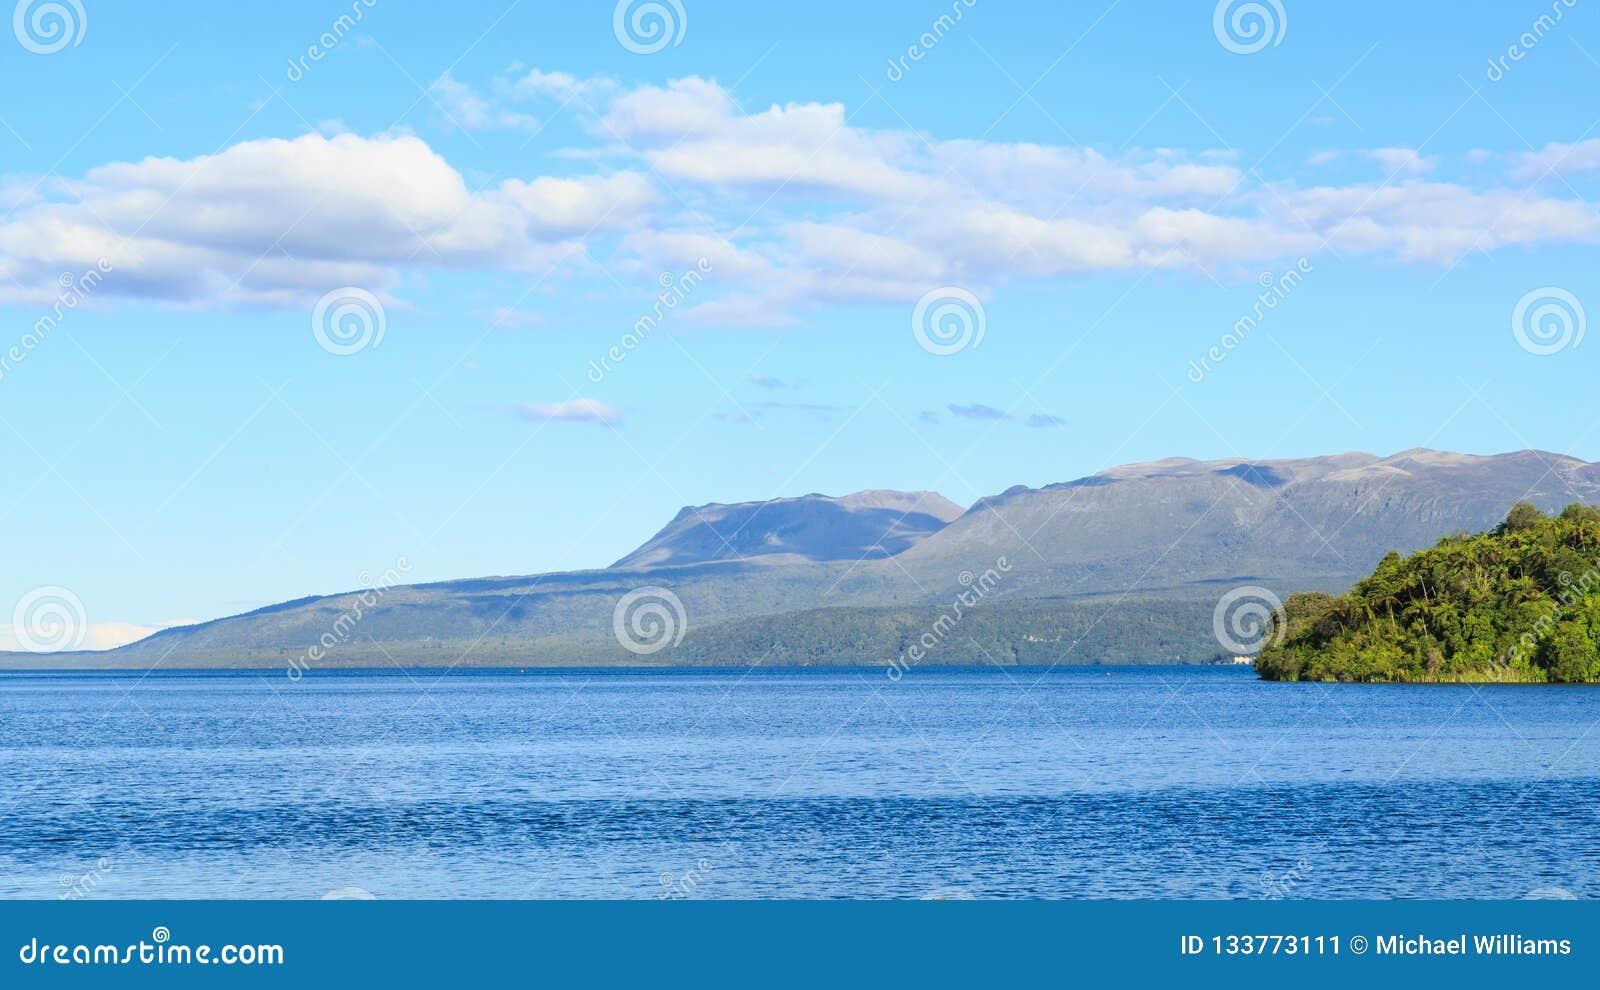 Panorama Of Lake Tarawera, New Zealand, With Mount Tarawera